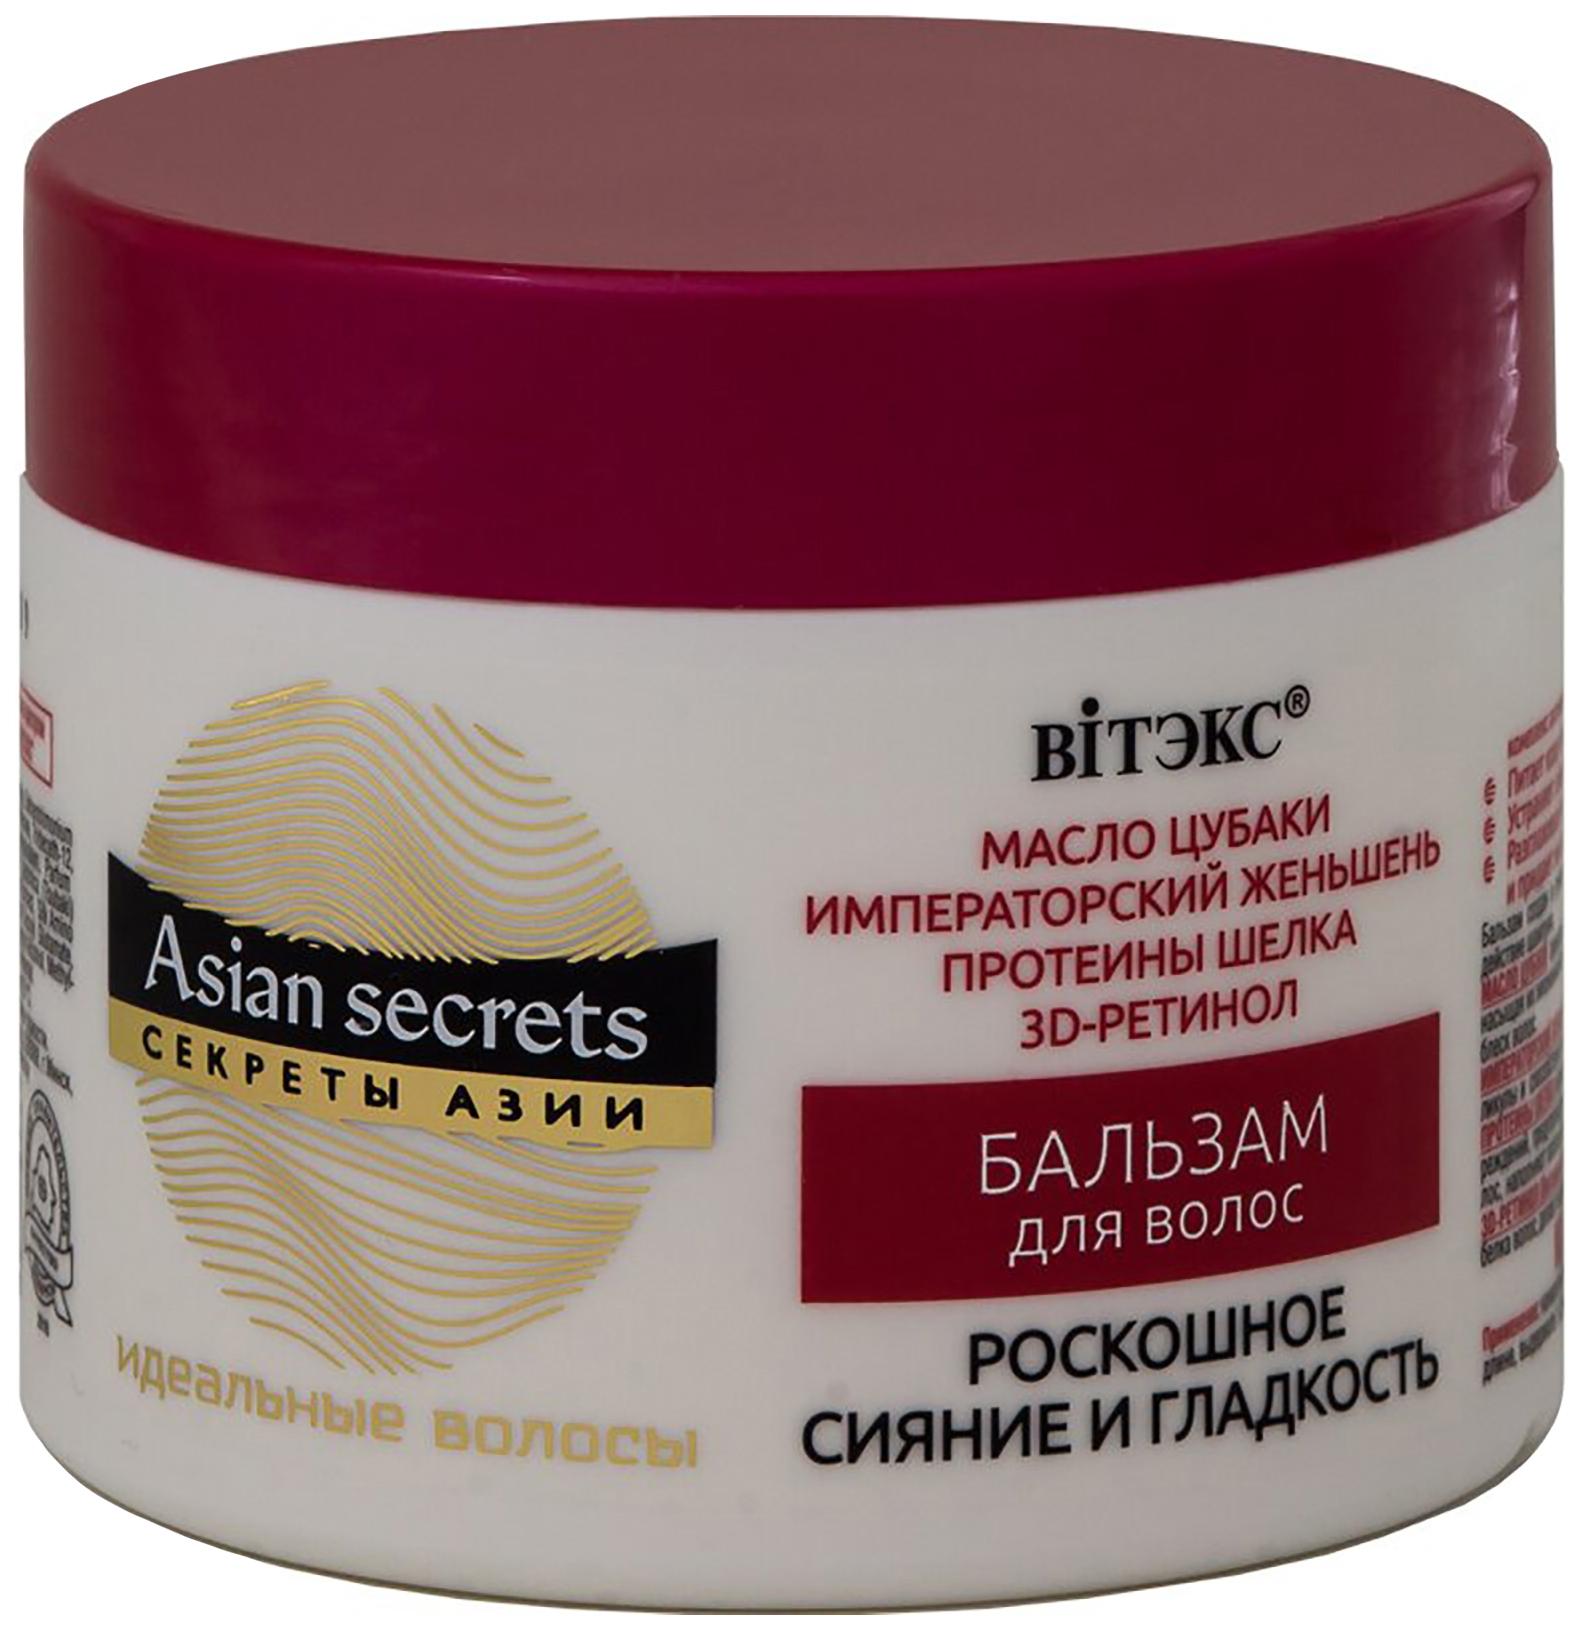 Бальзам для волос Витэкс Секреты Азии Роскошное сияние и гладкость 300 мл